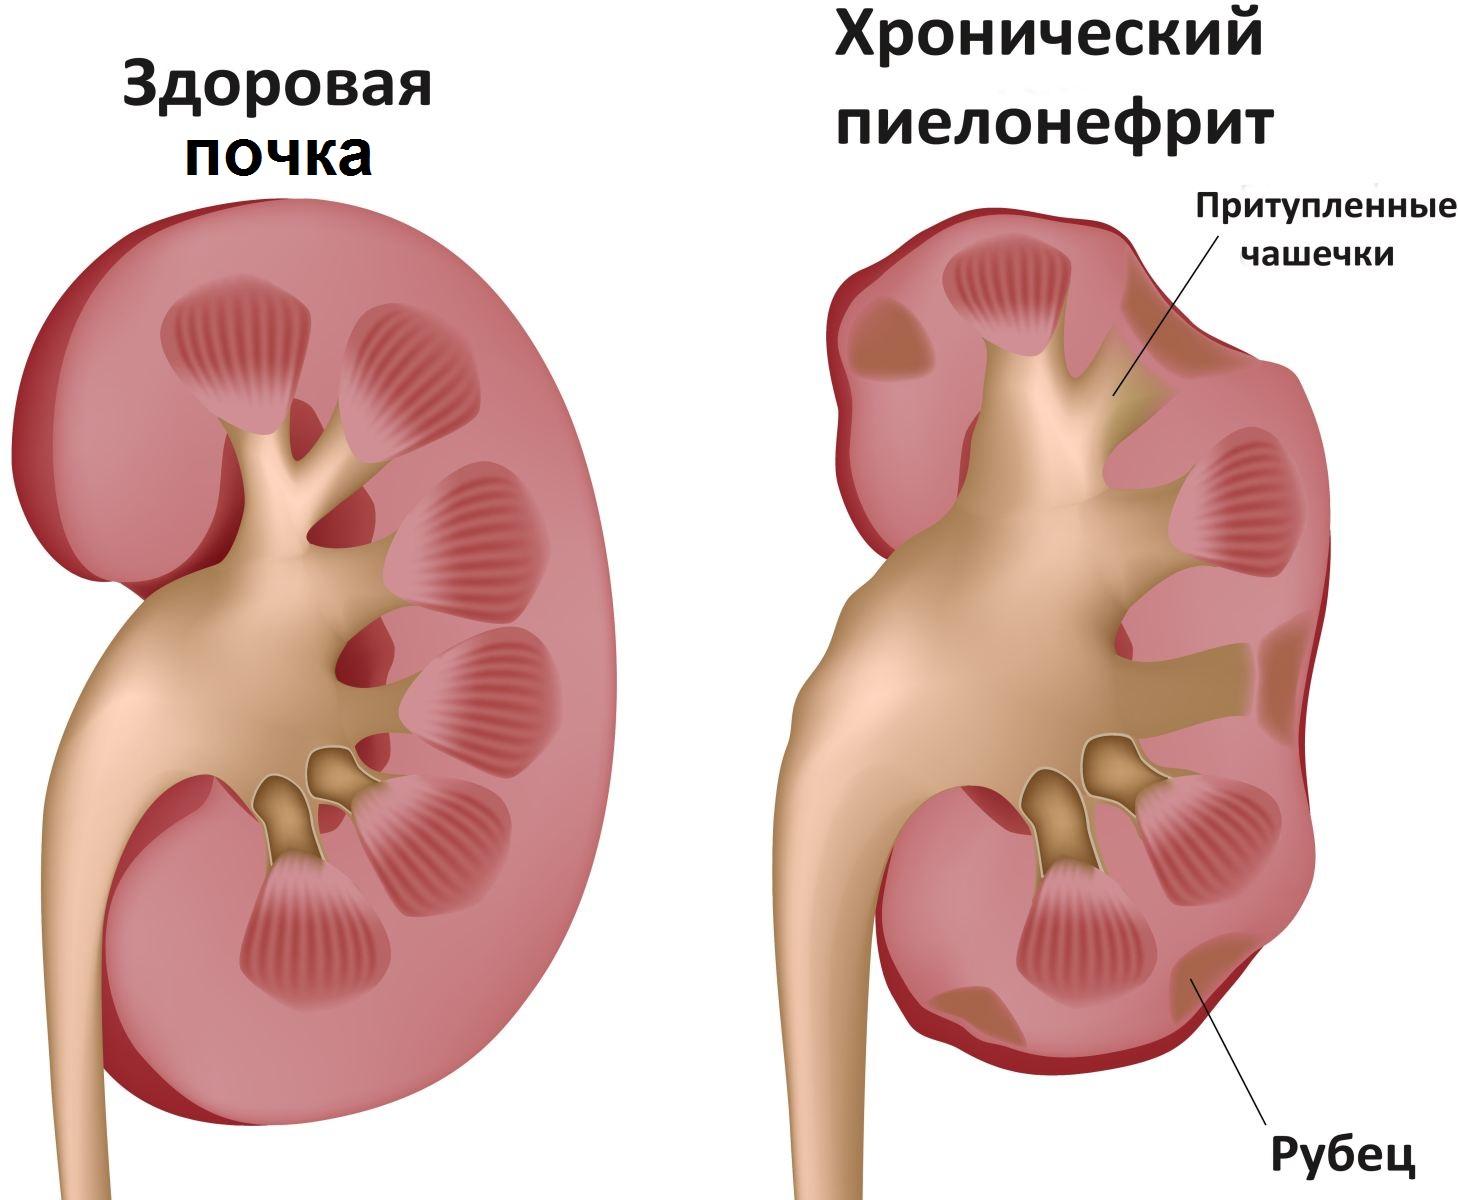 Wenn es im Unterbauch schmerzt. Ursachen von Schmerzen im Unterbauch ...